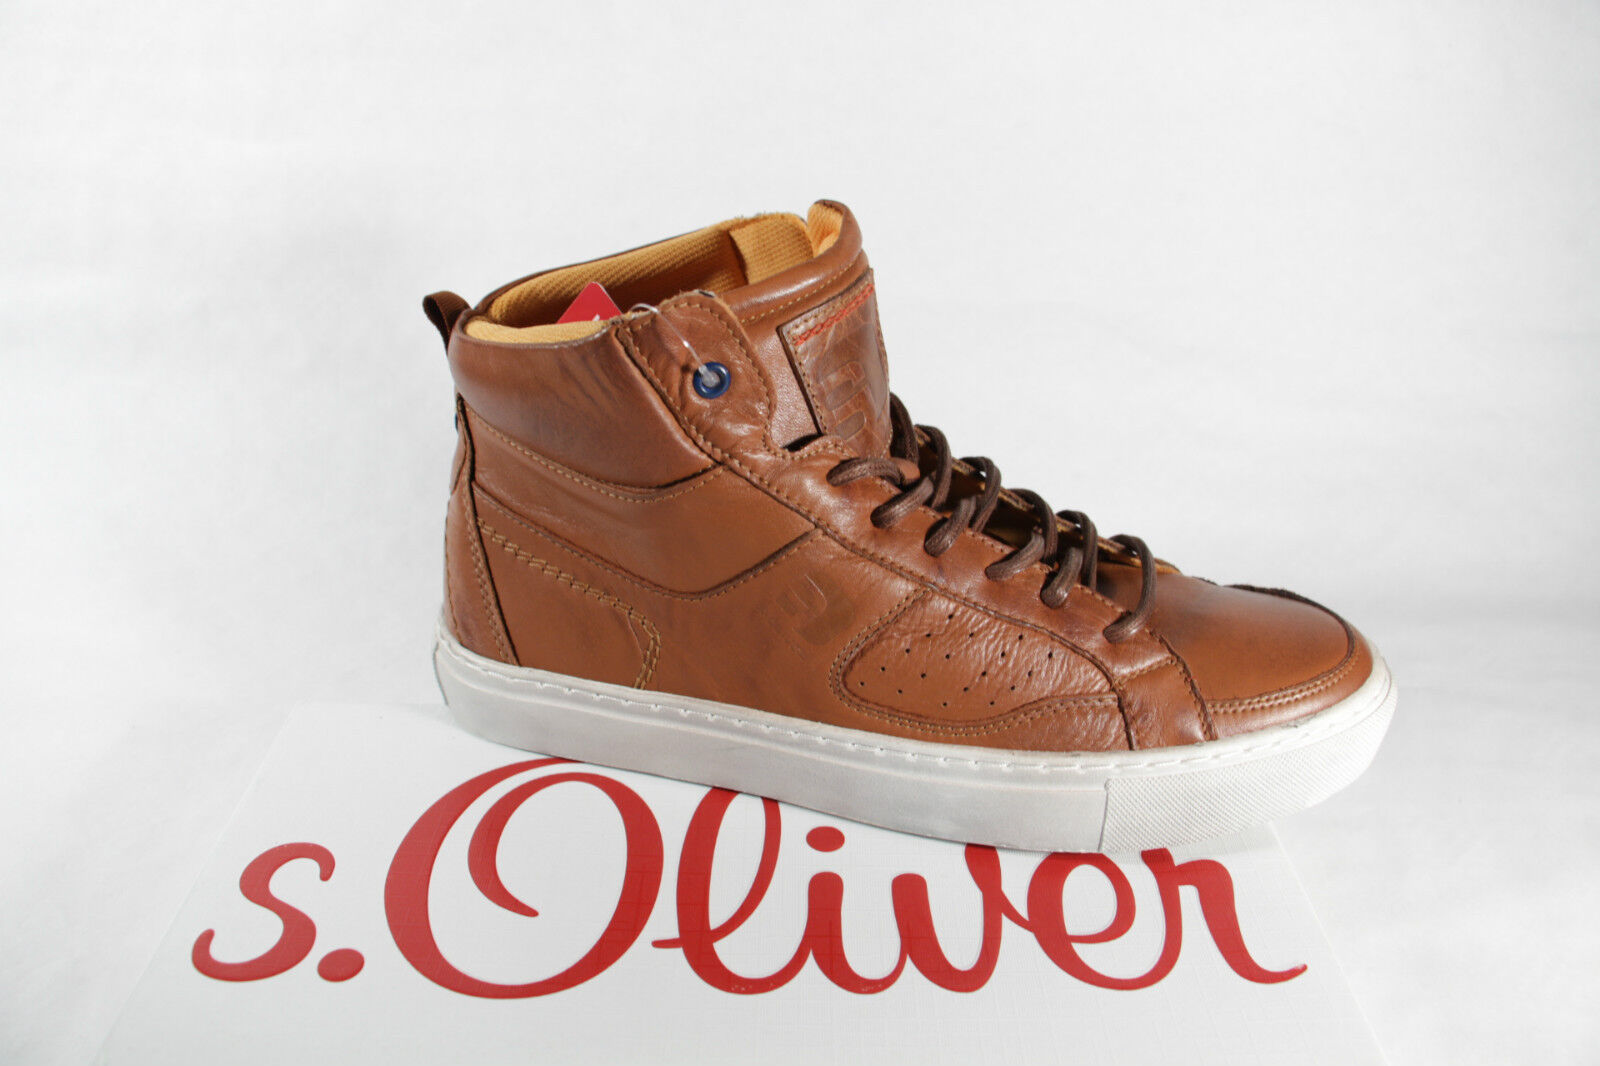 Grandes zapatos con descuento s. Oliver Botas Para Atar, marrón, forro de tela, suela de goma NUEVO